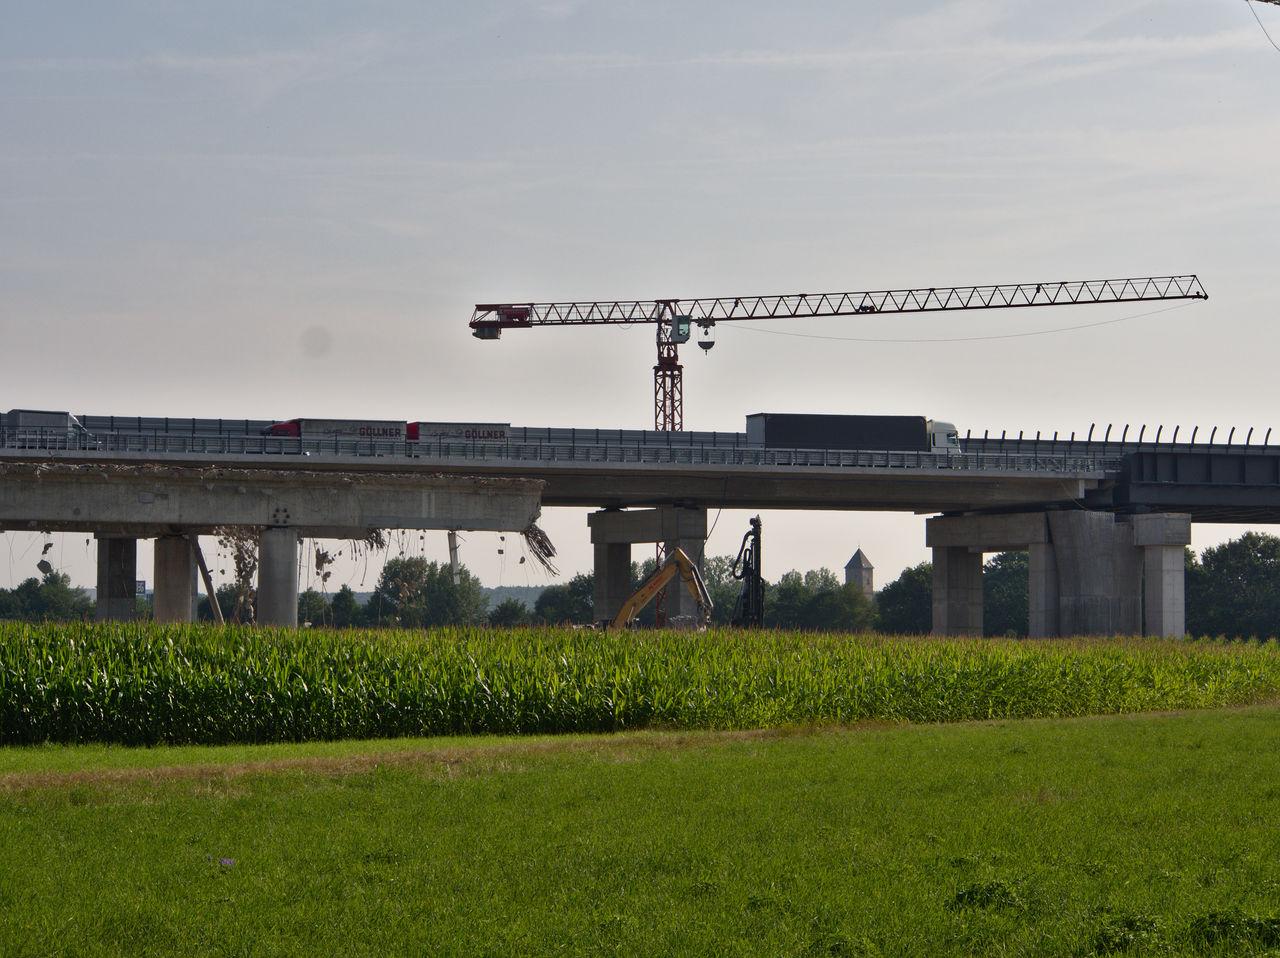 20190717_Autobahn_022